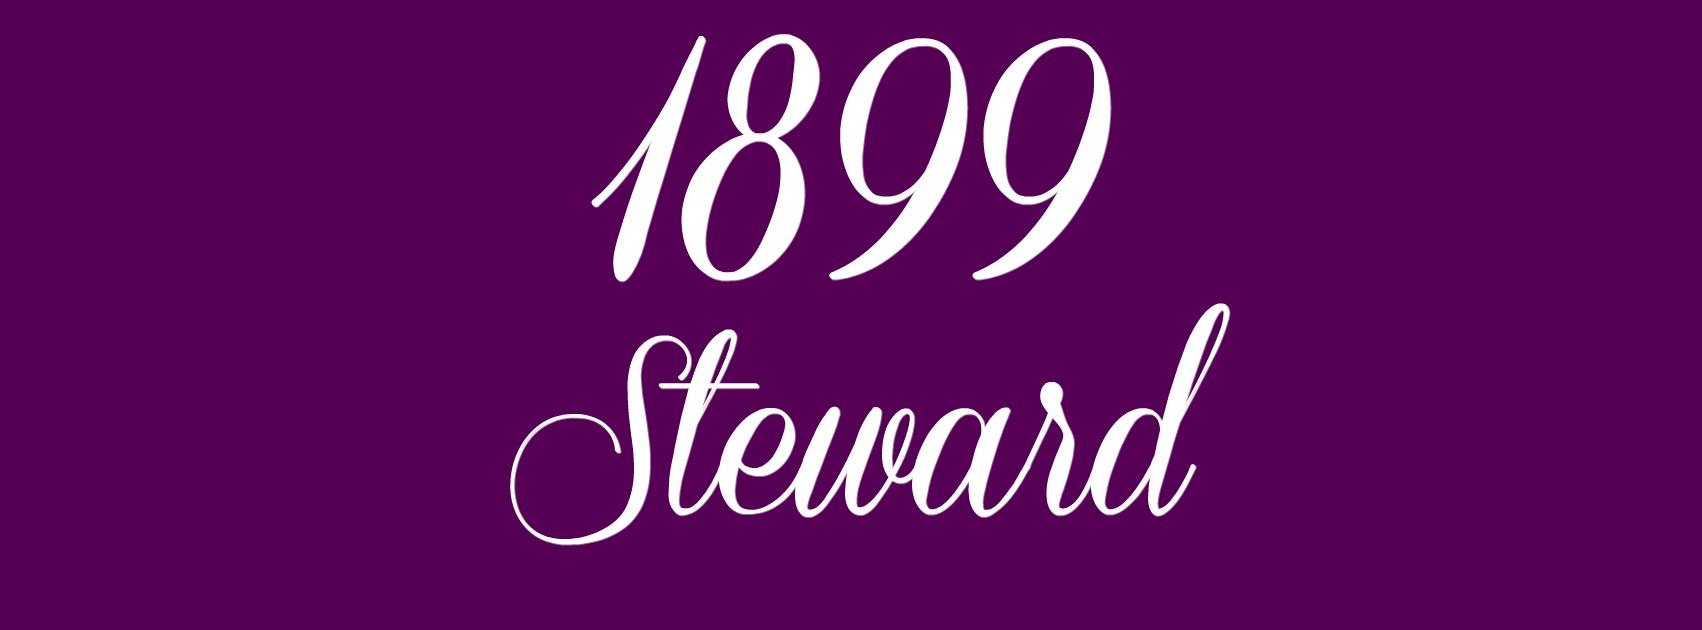 Steward banner